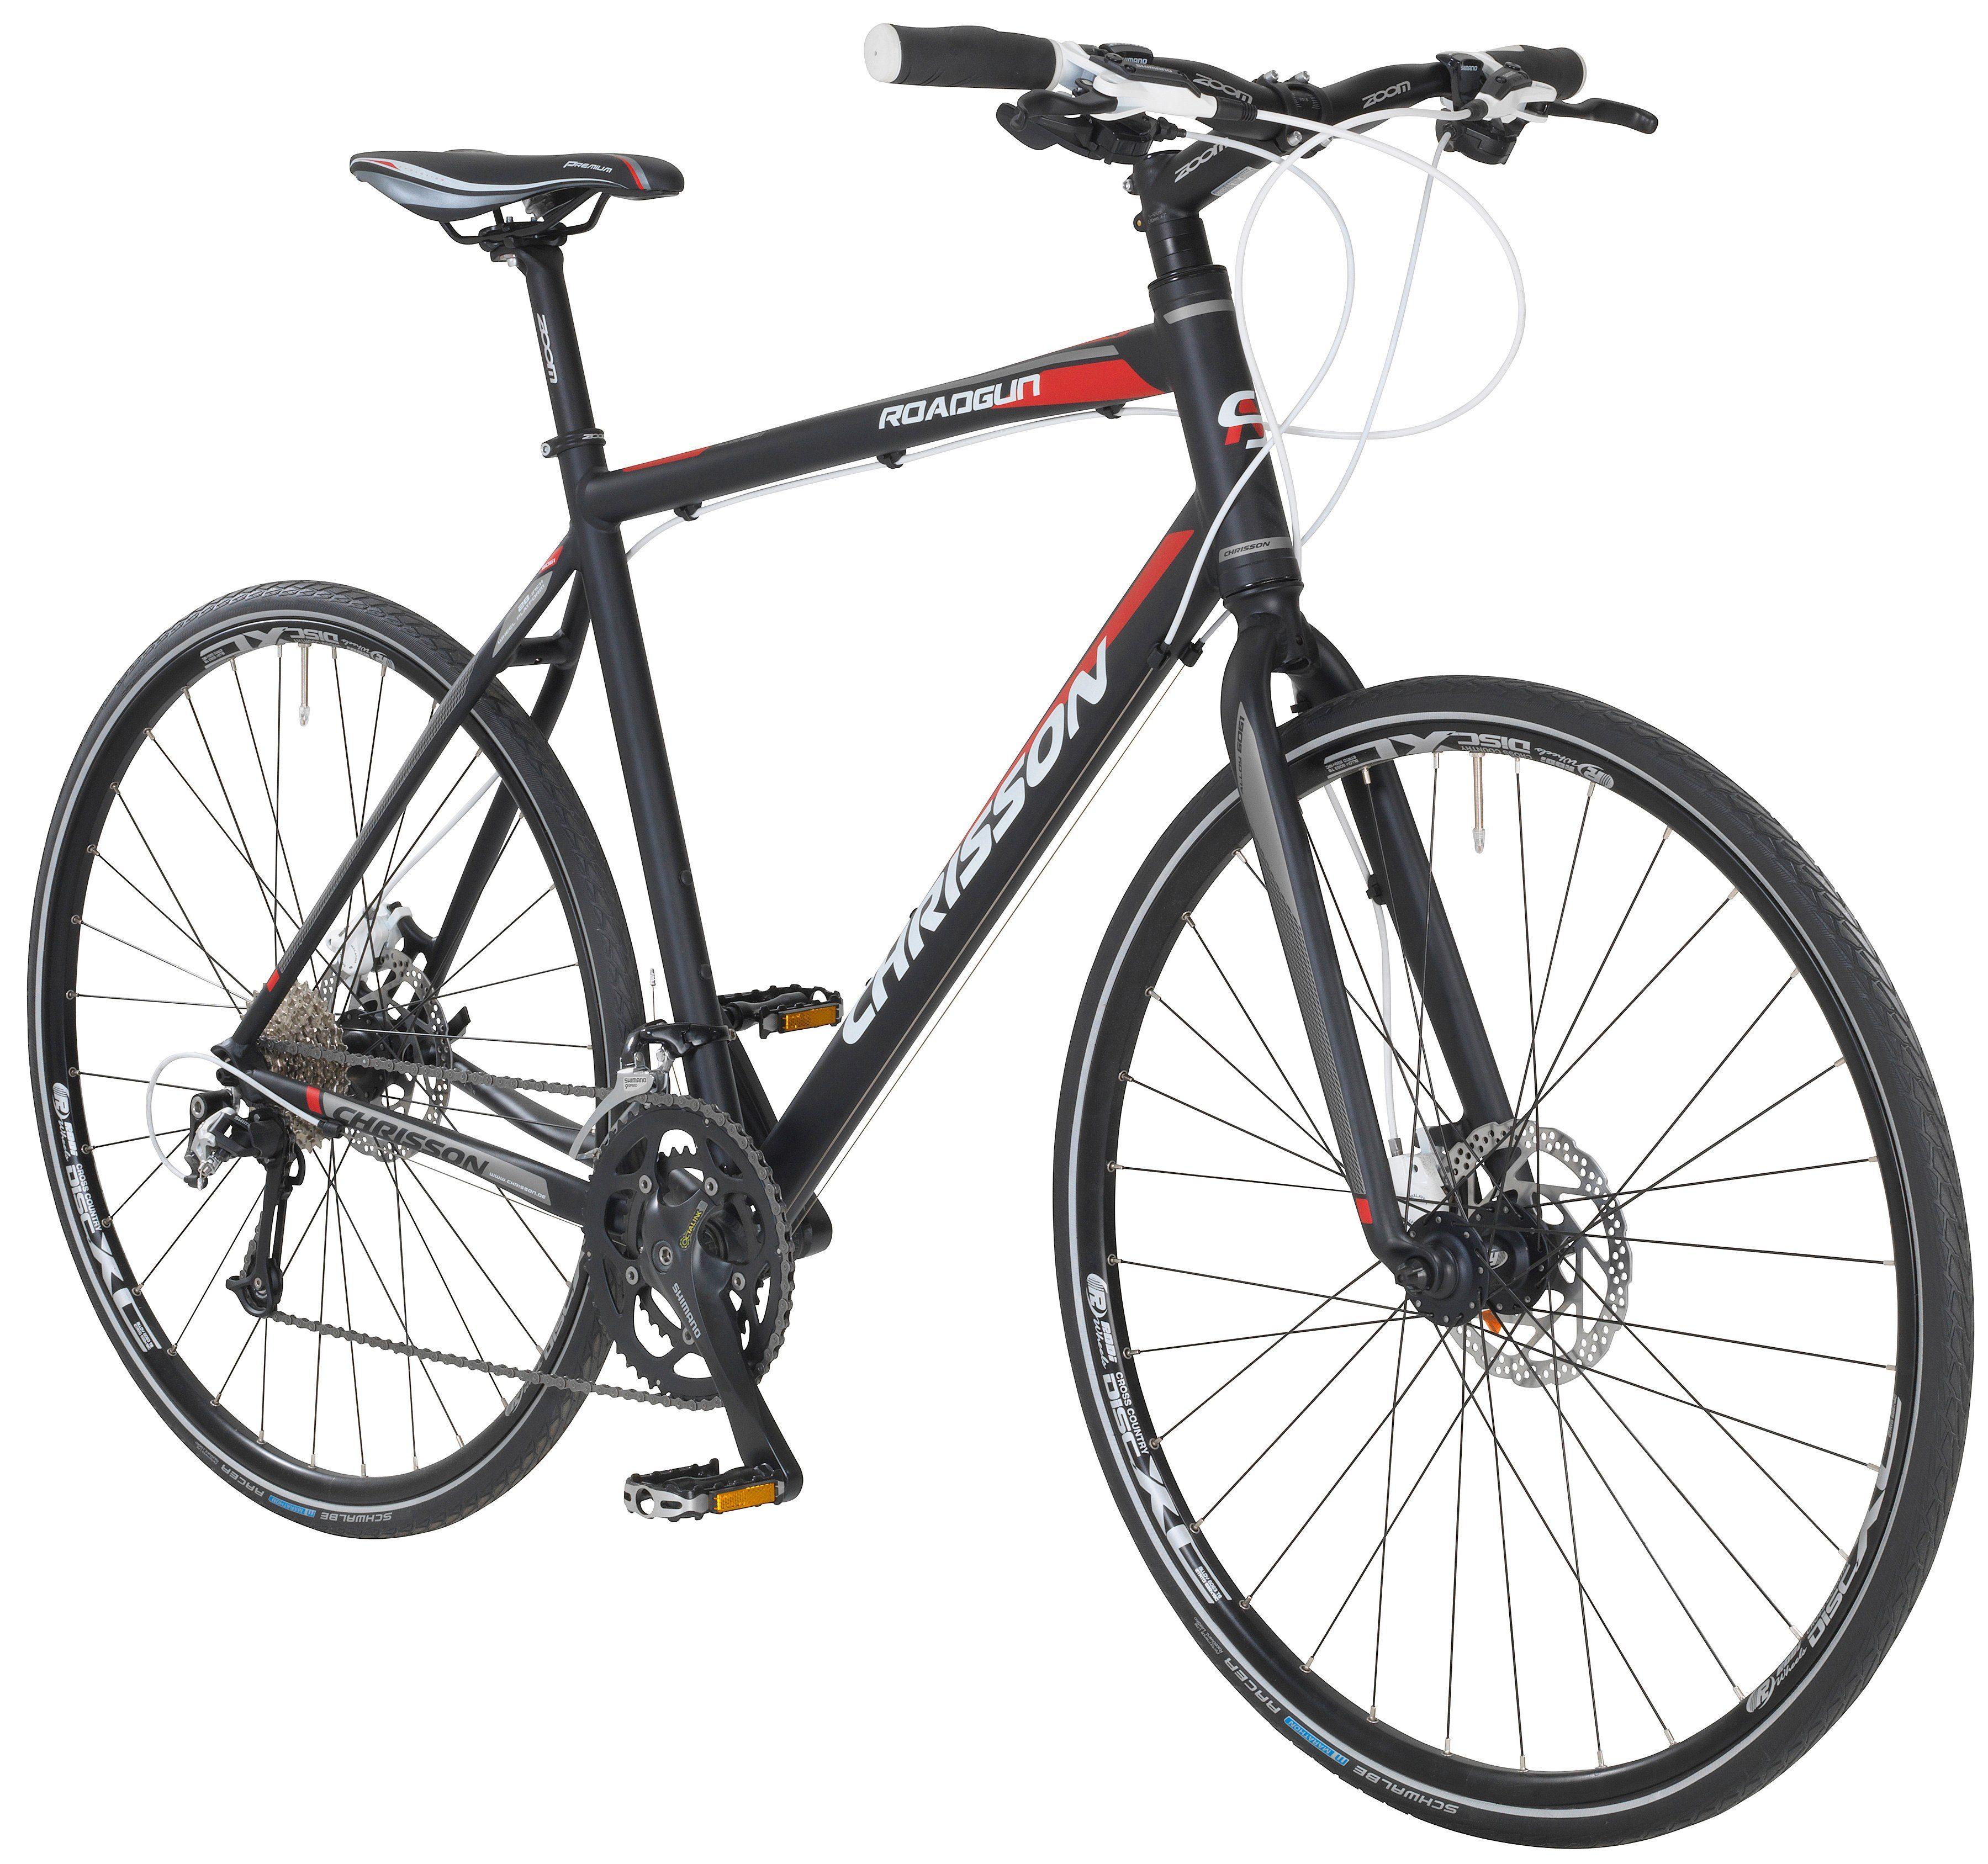 CHRISSON Crossbike »Roadgun 2.0«, 28 Zoll, 50cm Rahmenhöhe, 18 Gang, Hydr. Scheibenbremsen